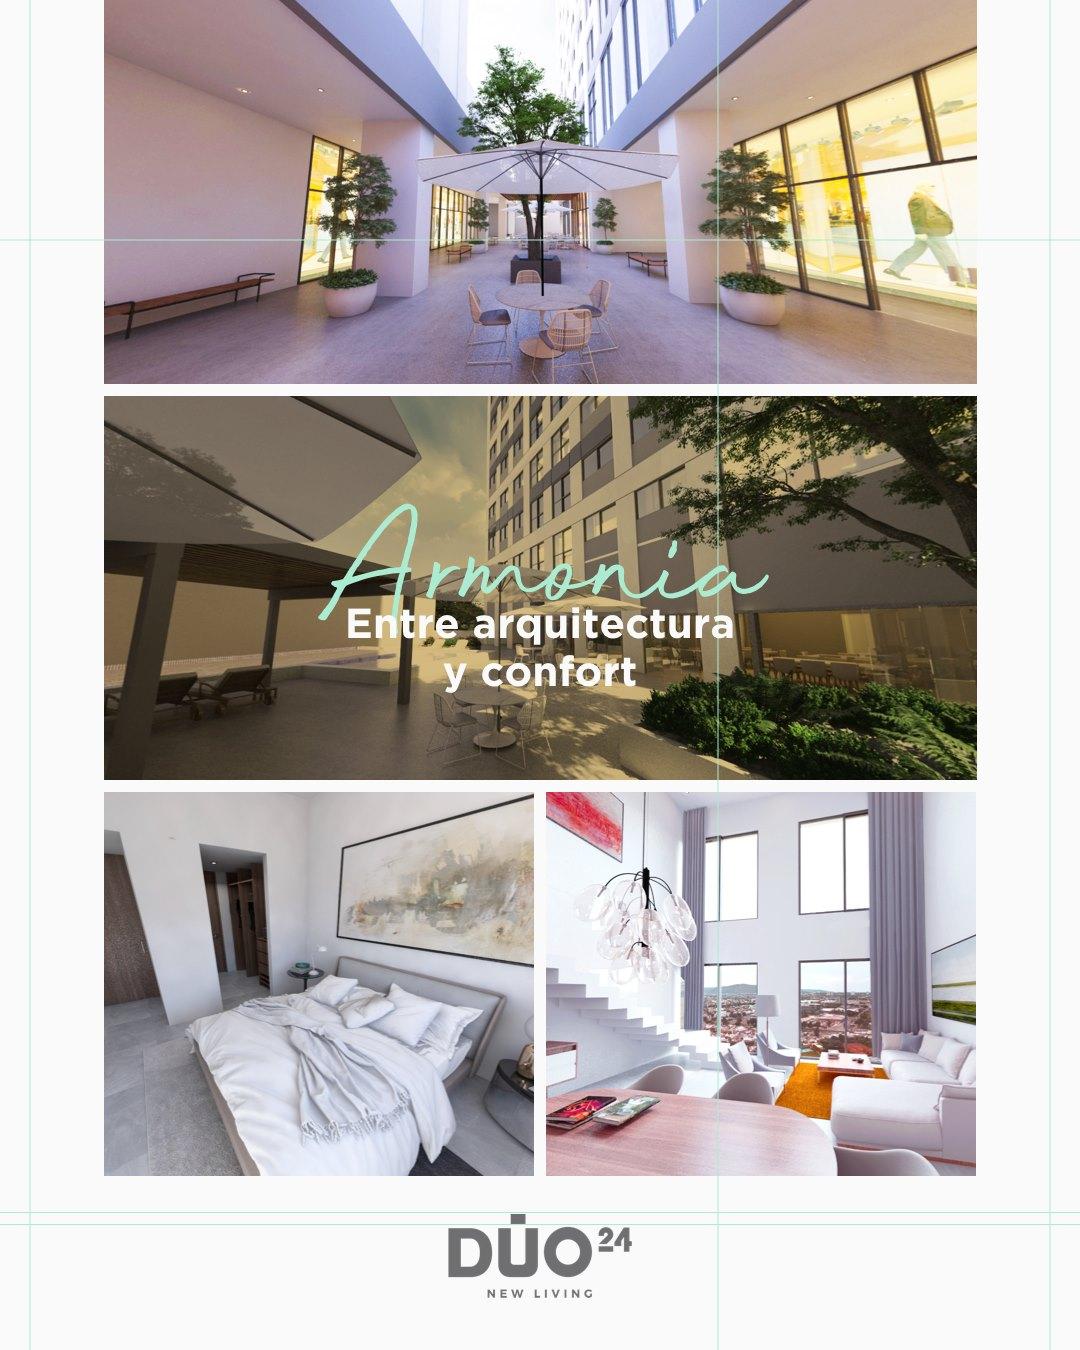 """Puede ser una imagen de texto que dice """"Armania Entre arquitectura confort bng DUO 24 NEW LIVING"""""""